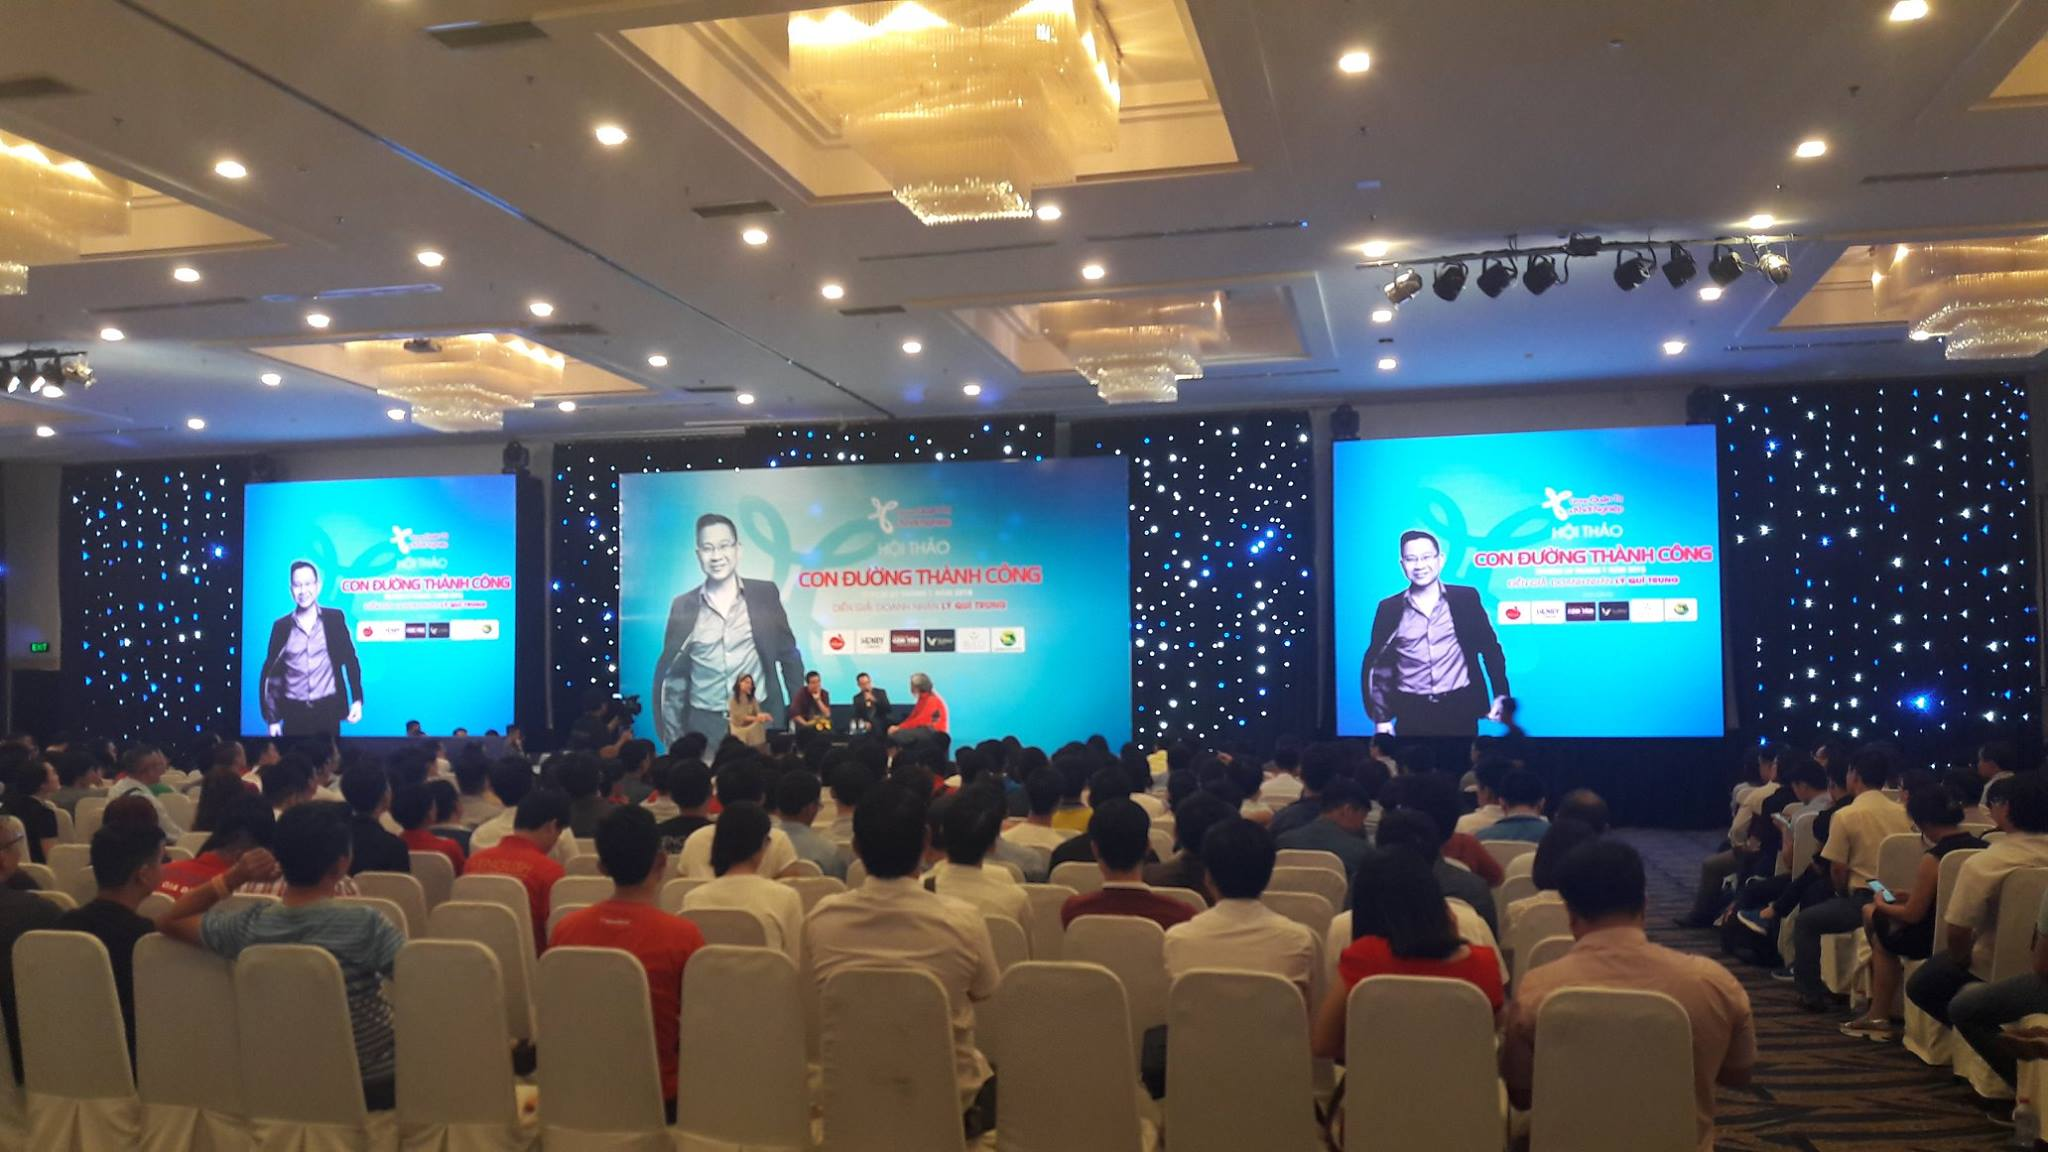 Doanh nhân Lý Quí Trung trả lời câu hỏi của khách mời